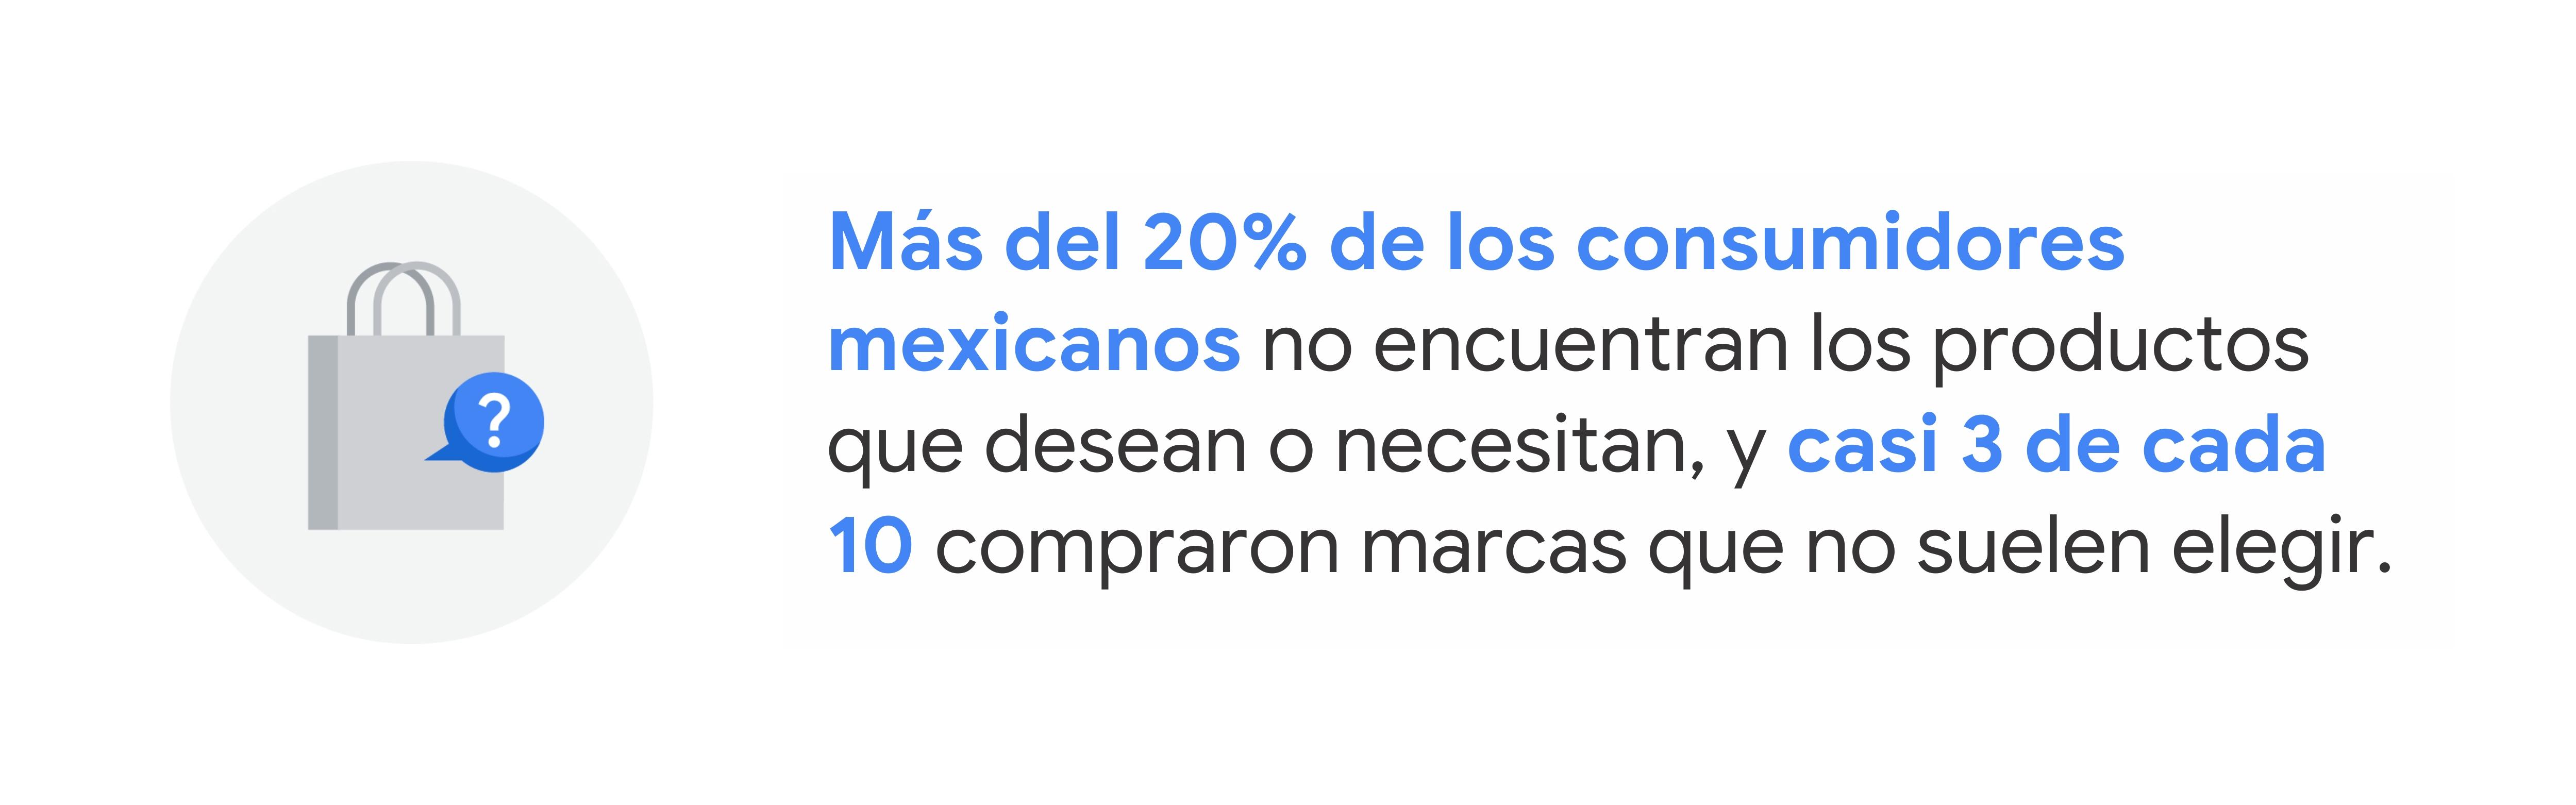 Ilustración de una bolsa de compras blanca con una burbuja de pregunta azul. Text reads: Más del 20% de los consumidores mexicanos no encuentran los productos que desean o necesitan, y casi 3 de cada 10 compraron marcas que no suelen elegir.